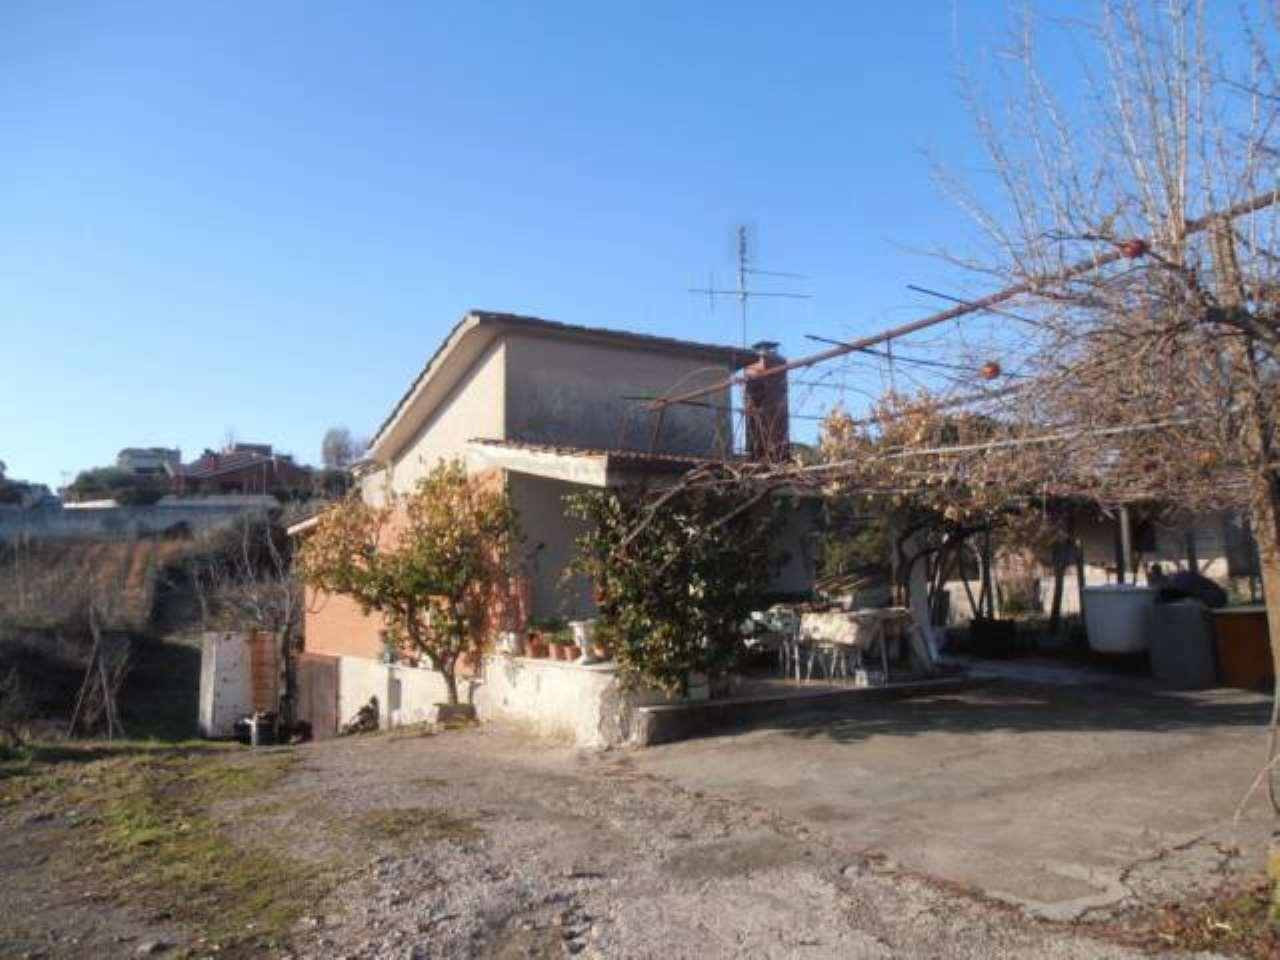 Villa in vendita a Genzano di Roma, 3 locali, prezzo € 160.000 | CambioCasa.it